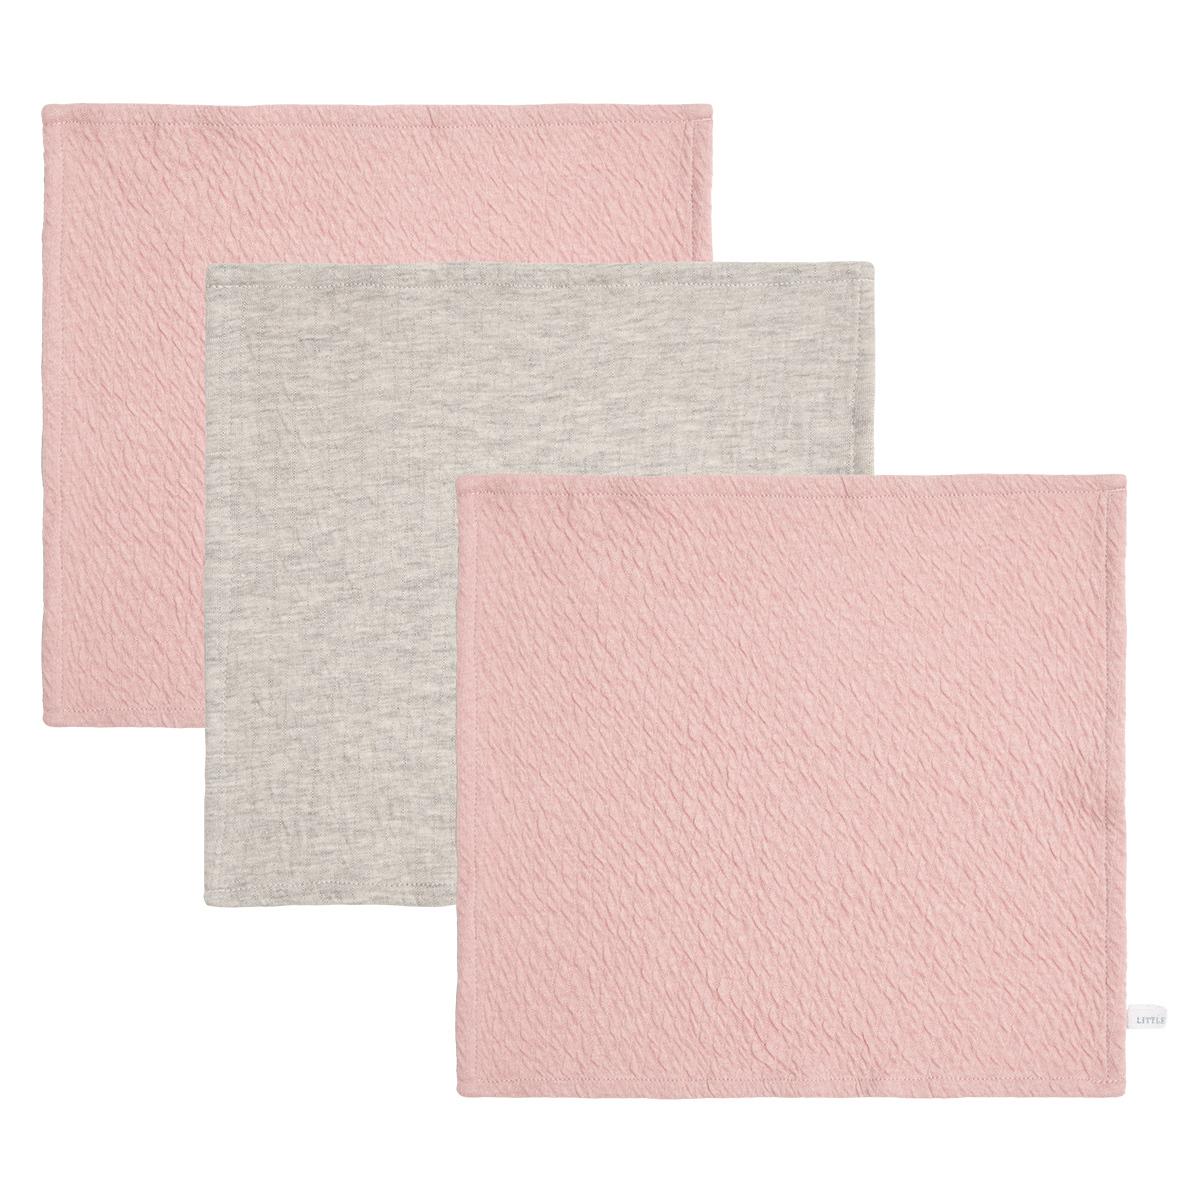 Gant de toilette Lot de 3 Lingettes Pure - Pink, Grey & Pink